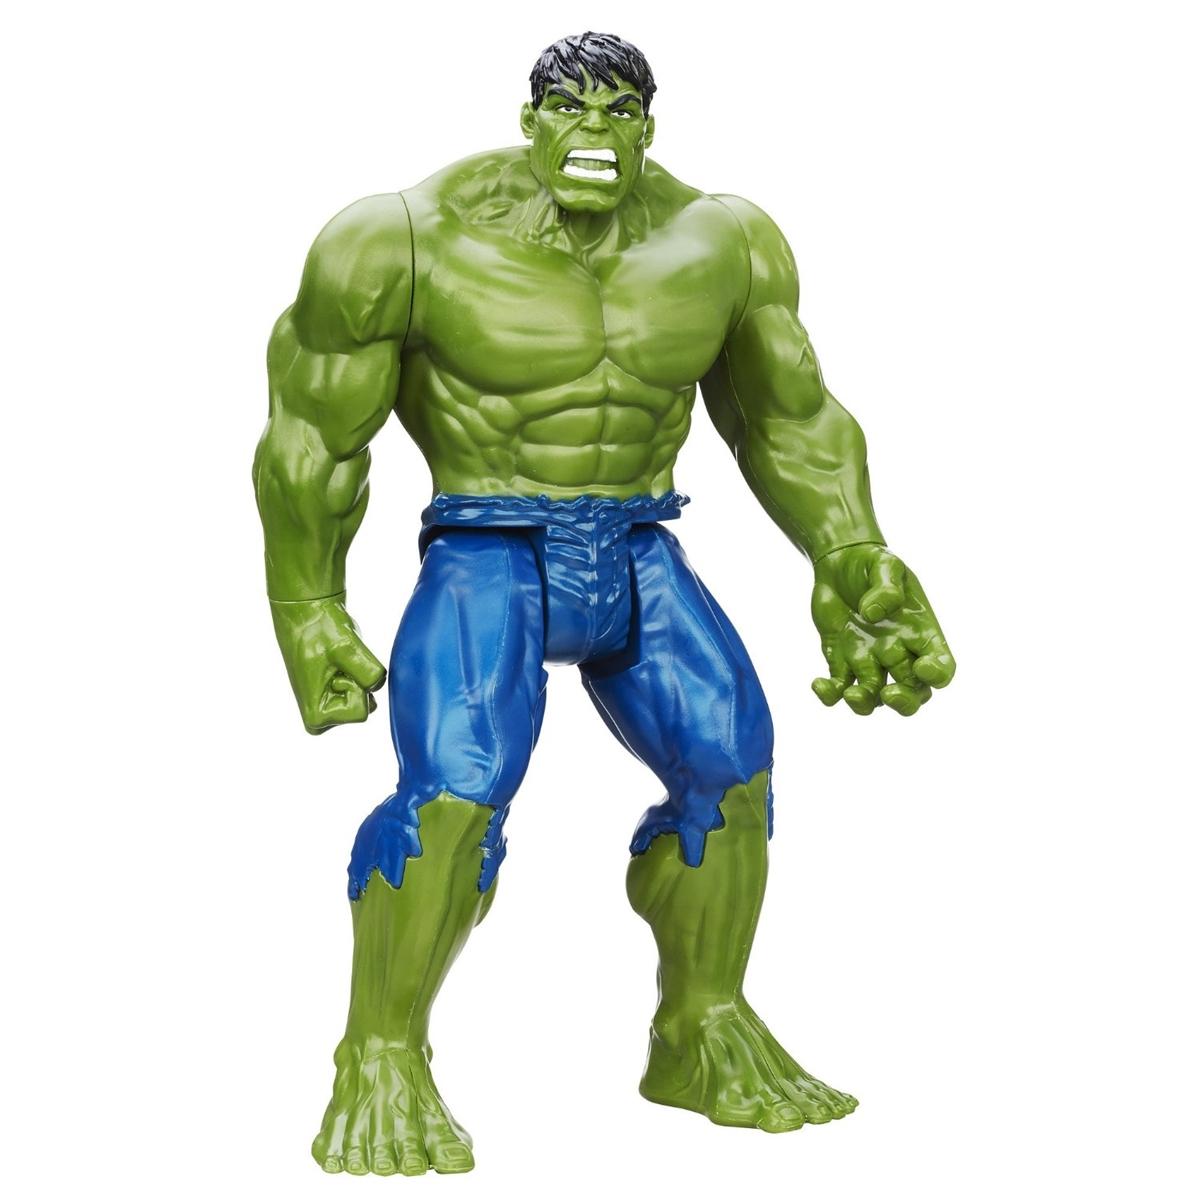 Игровая фигурка Халка из серии «Титаны»Avengers (Мстители)<br>Игровая фигурка Халка из серии «Титаны»<br>